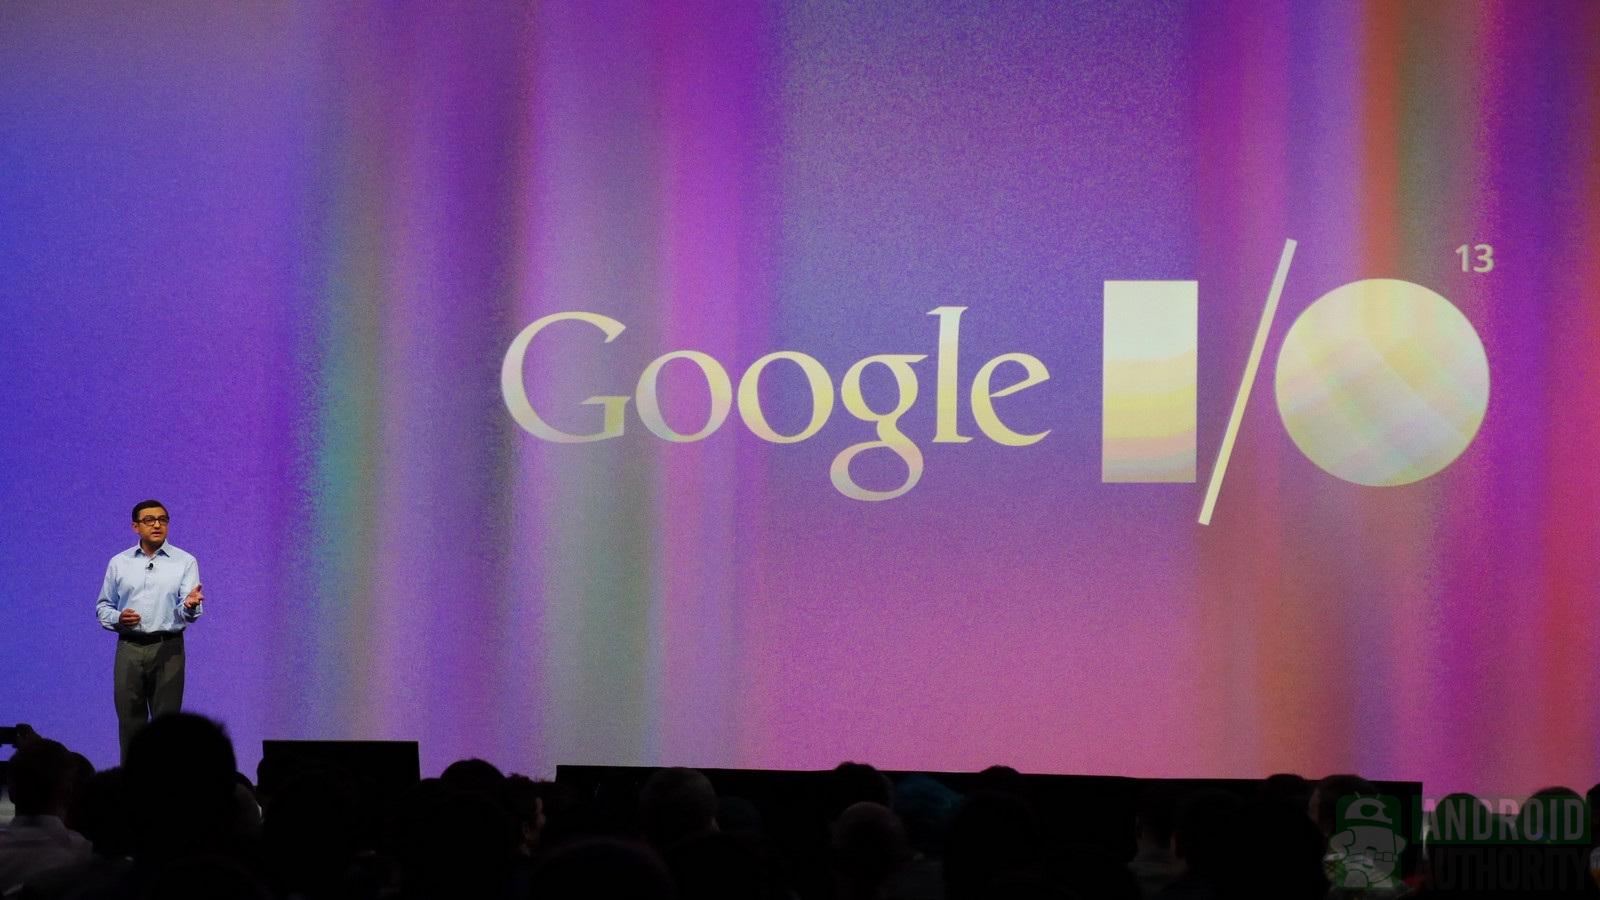 Google-IO-2013 IO  1600 aa